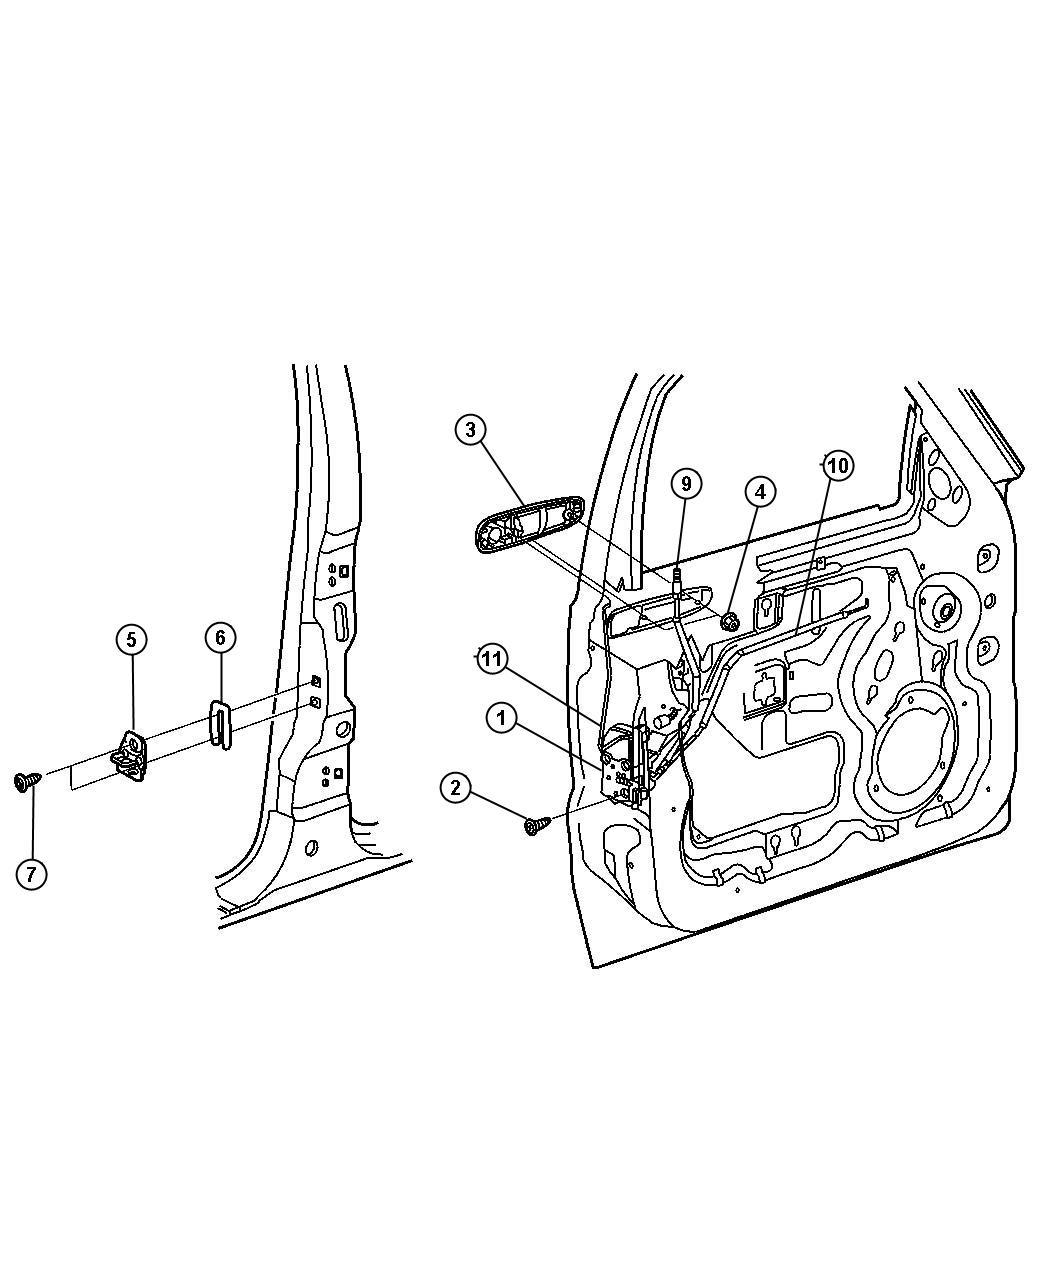 jeep liberty latch  front door   speed sensitive power